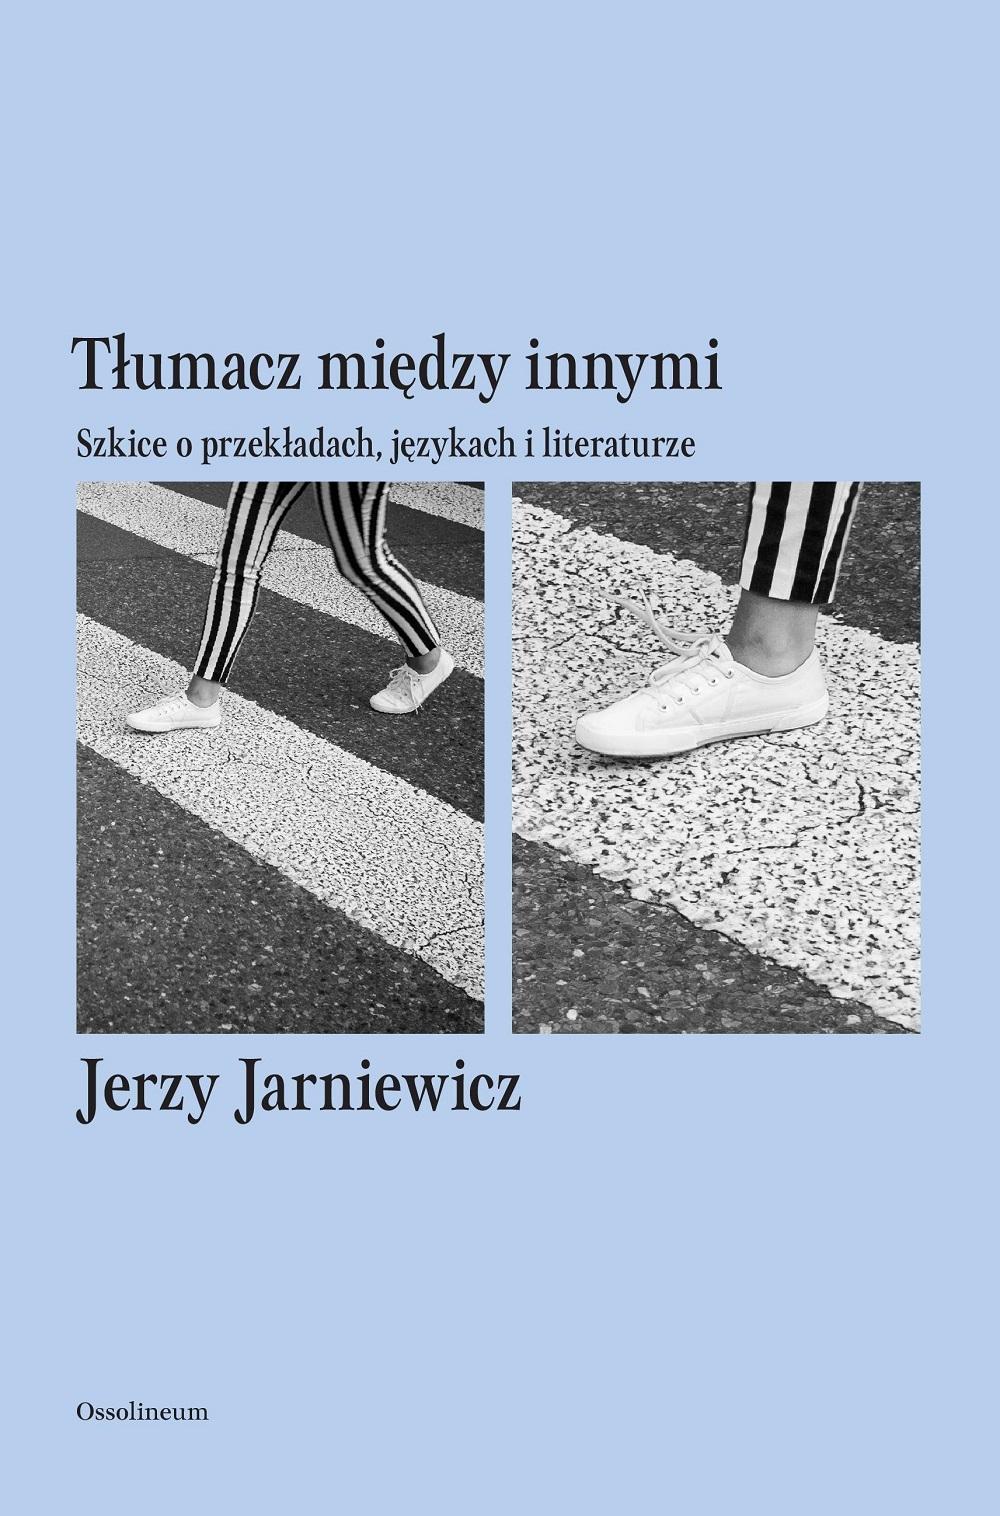 Okładka książki Jerzego Jarniewicza